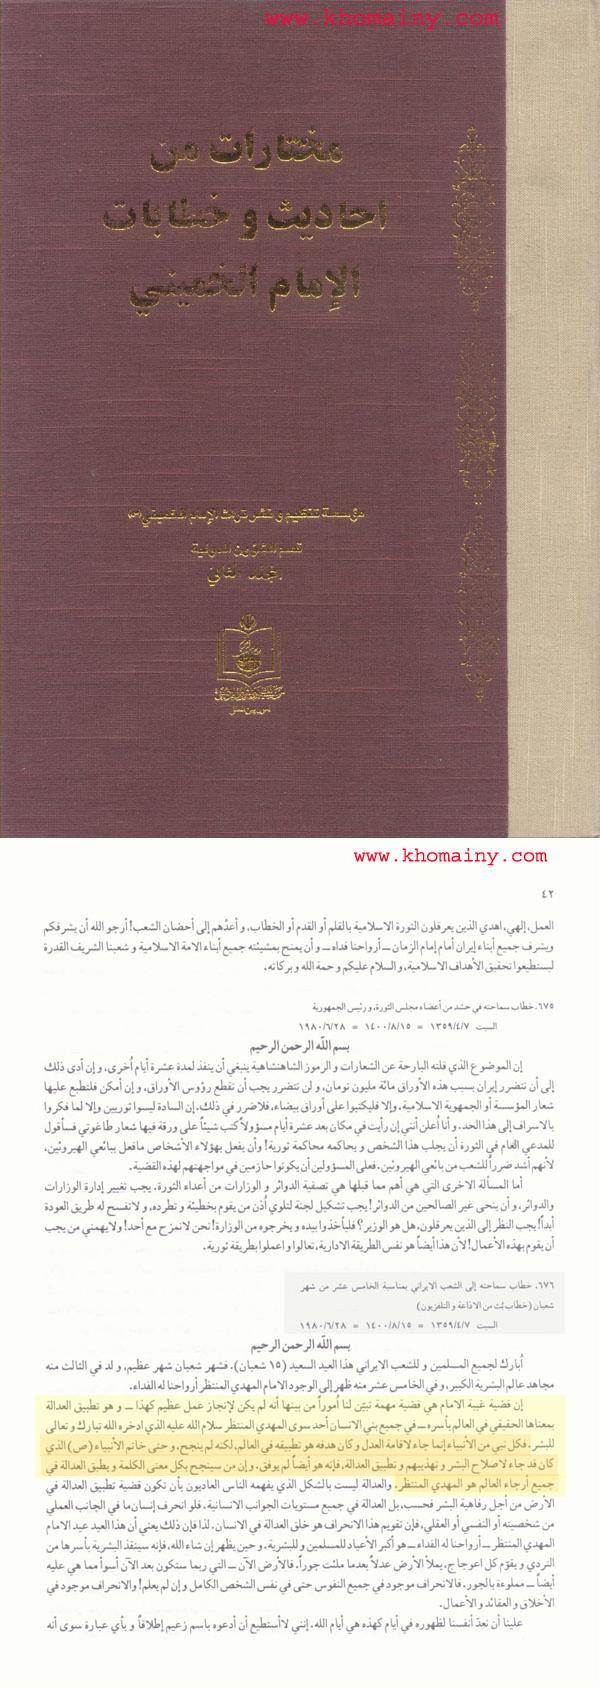 khomeini-05.jpg?w=630